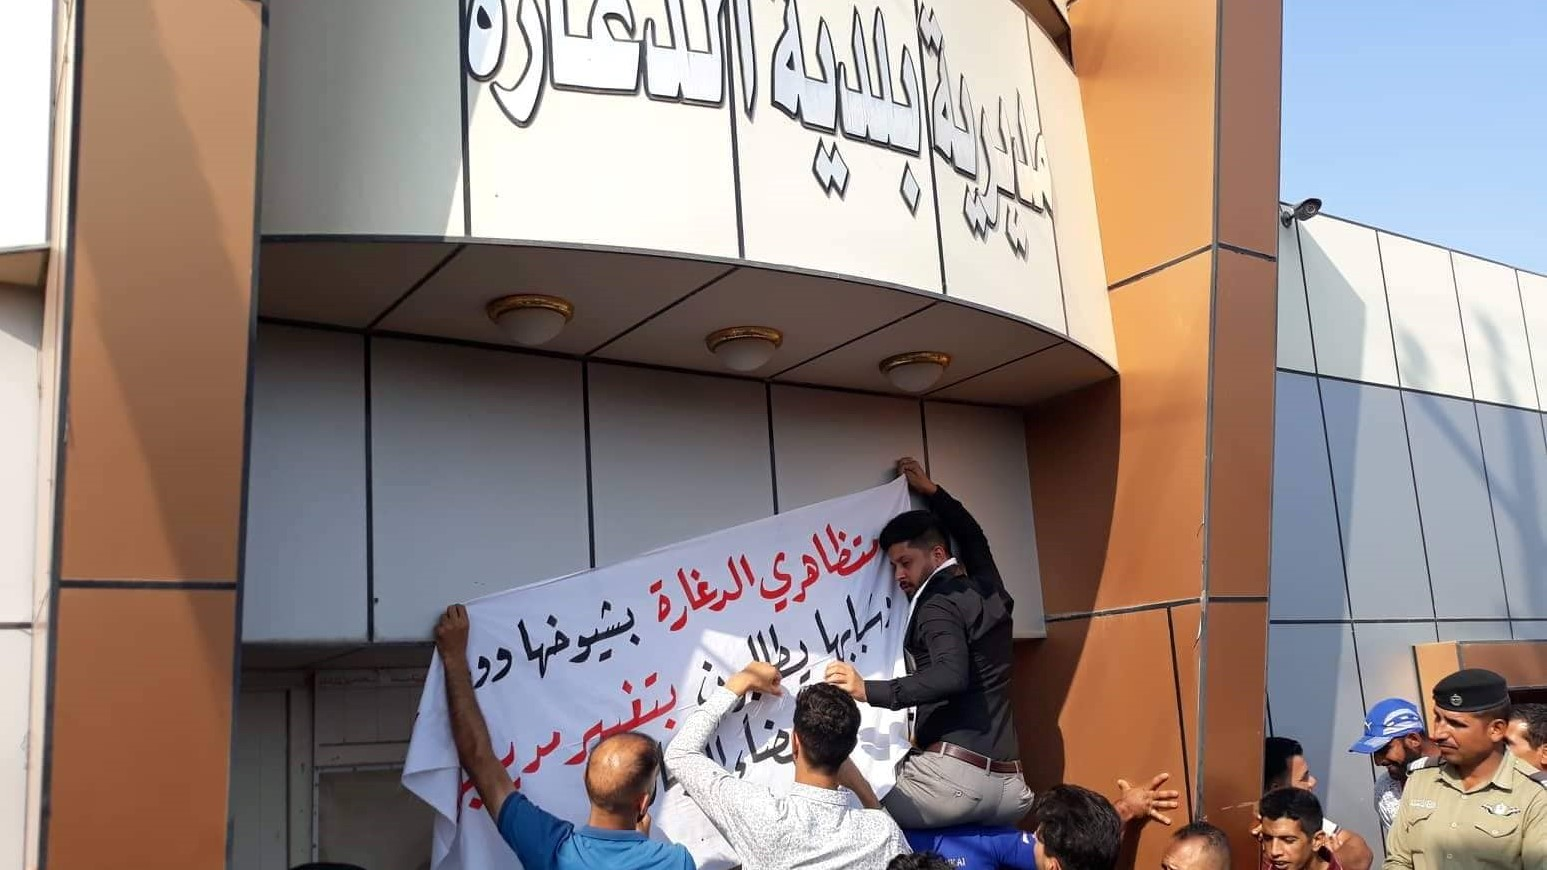 صور وفيديو: متظاهرون يغلقون مقر بلدية في الديوانية